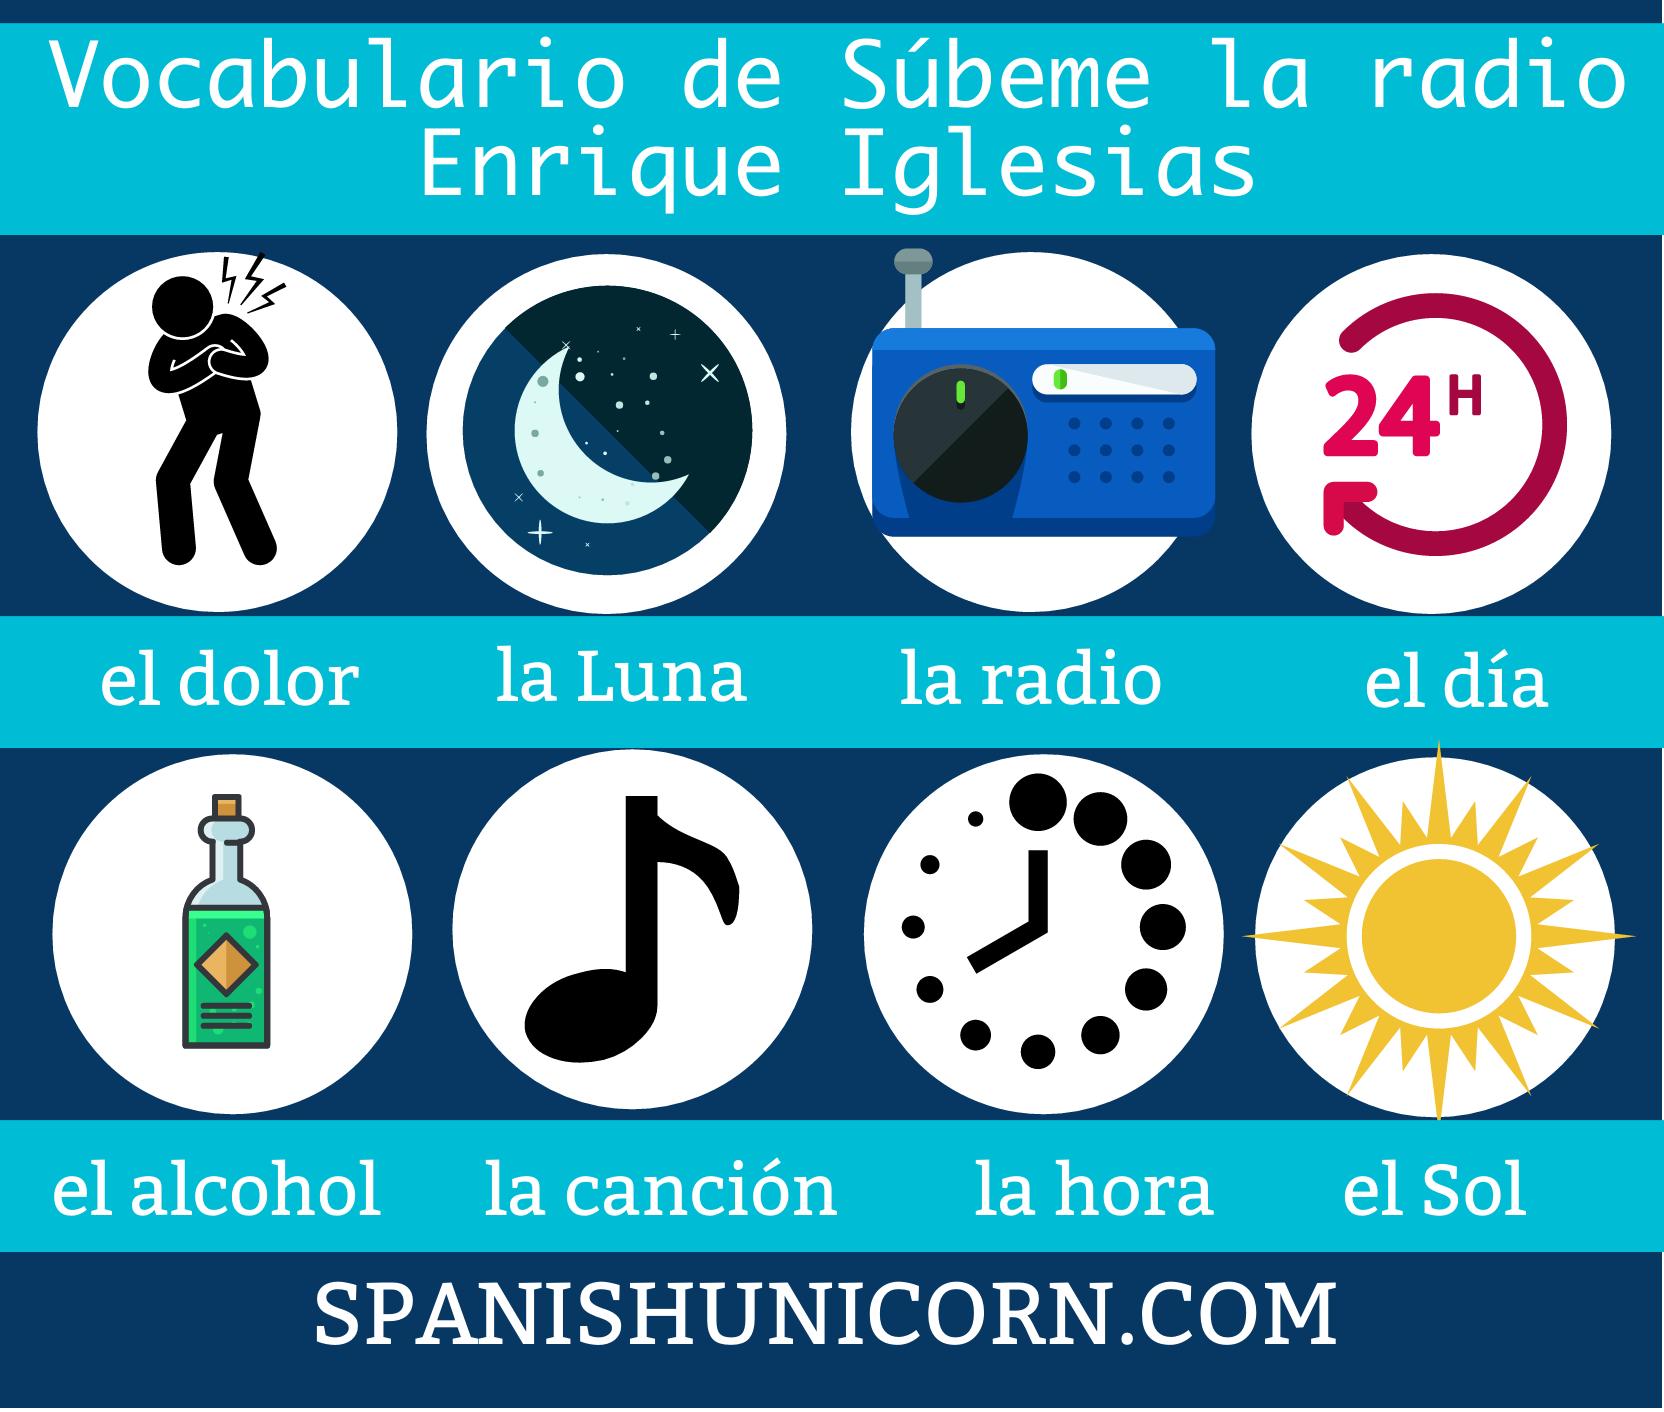 SÚBEME LA RADIO – Enrique Iglesias – letra y ejercicios